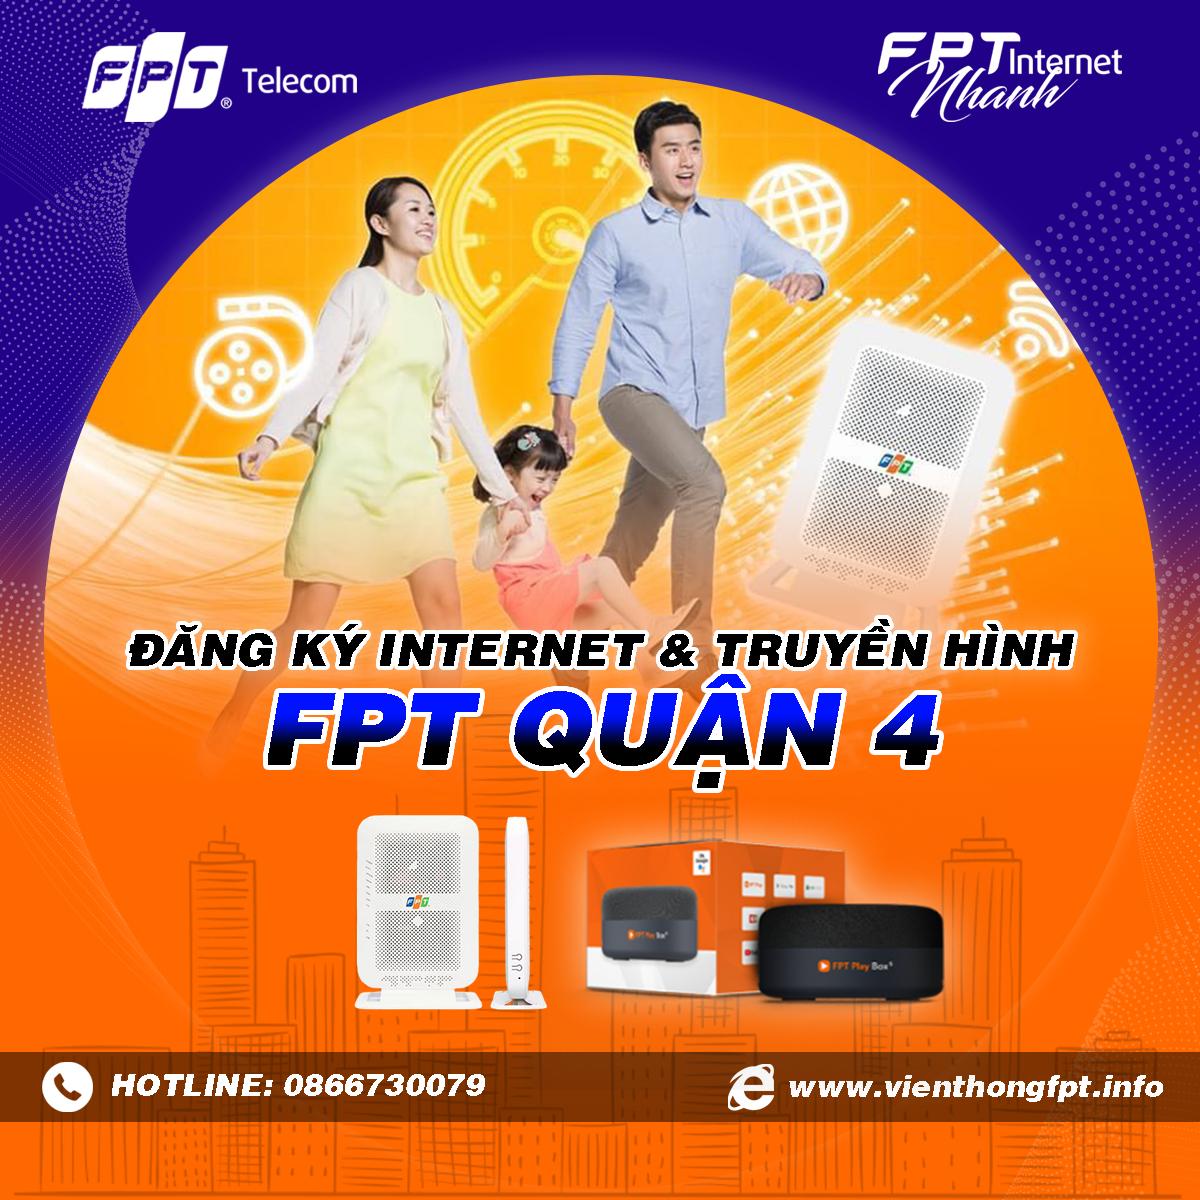 Chi nhánh FPT Quận 4 - Tổng đài lắp mạng Internet và Truyền hình FPT